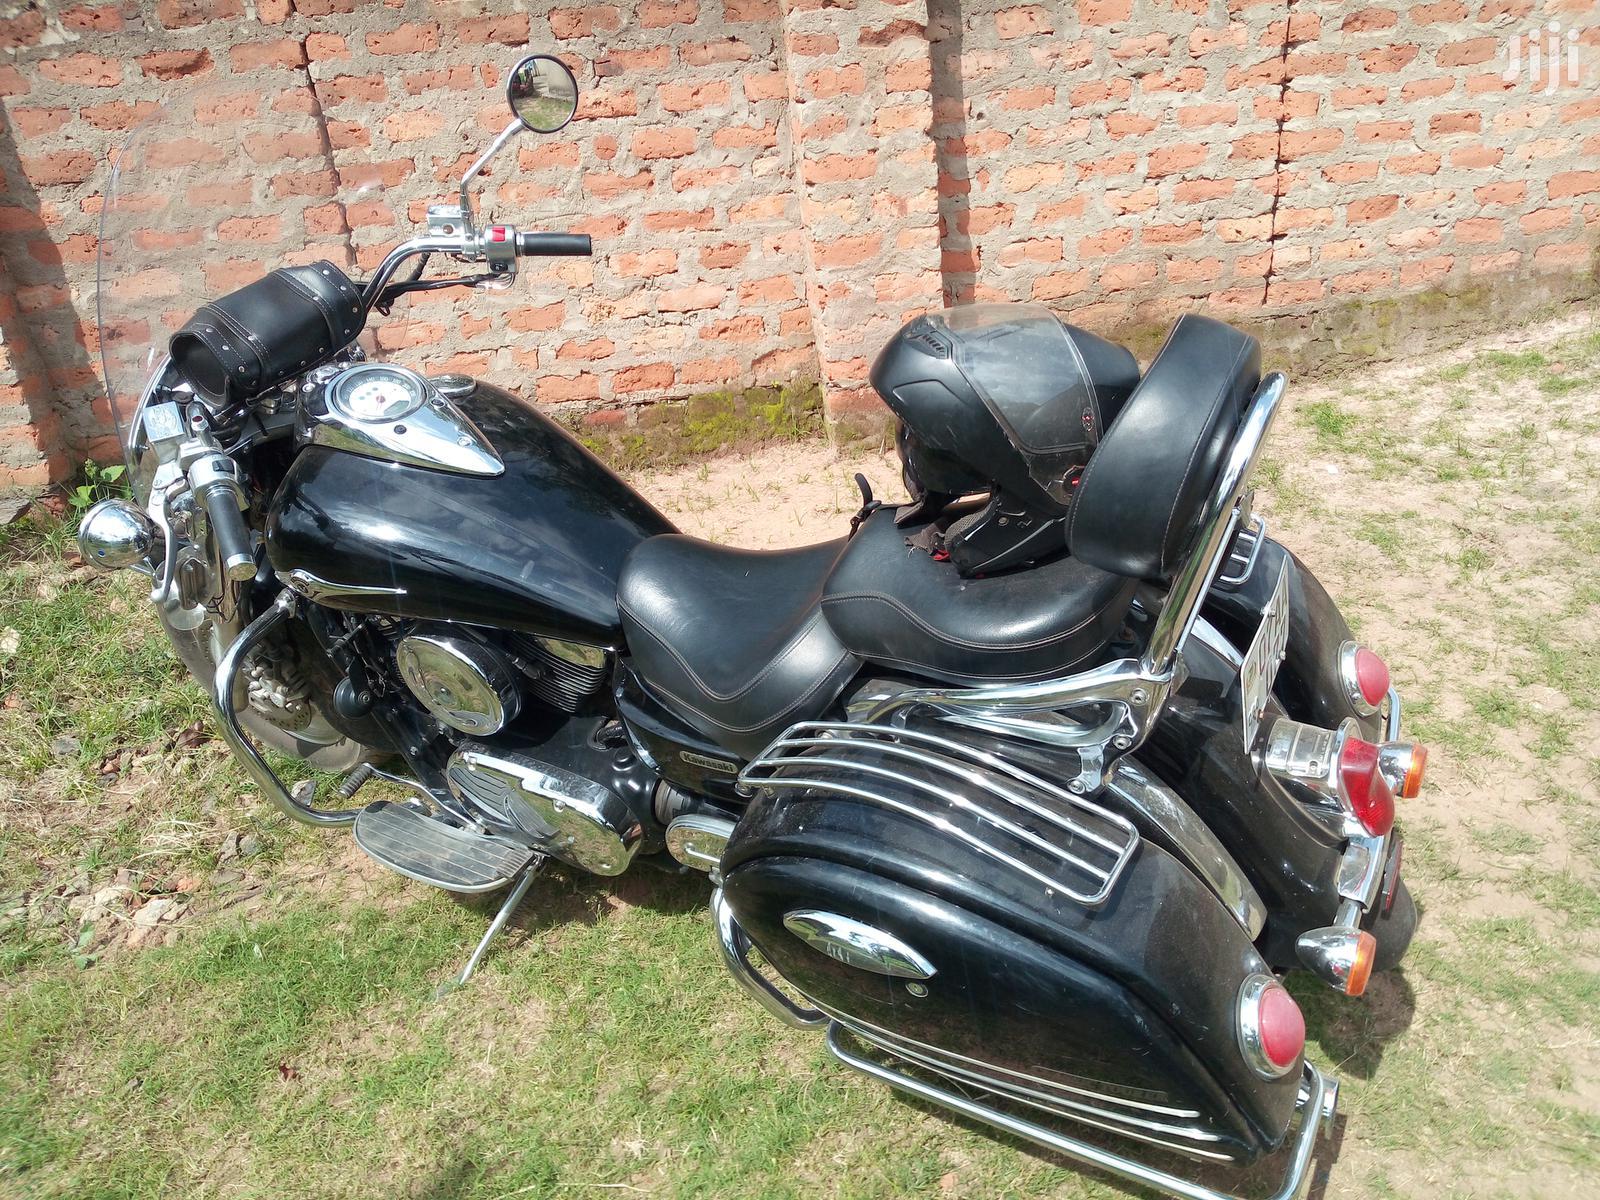 Archive: Kawasaki Bike 2006 Black